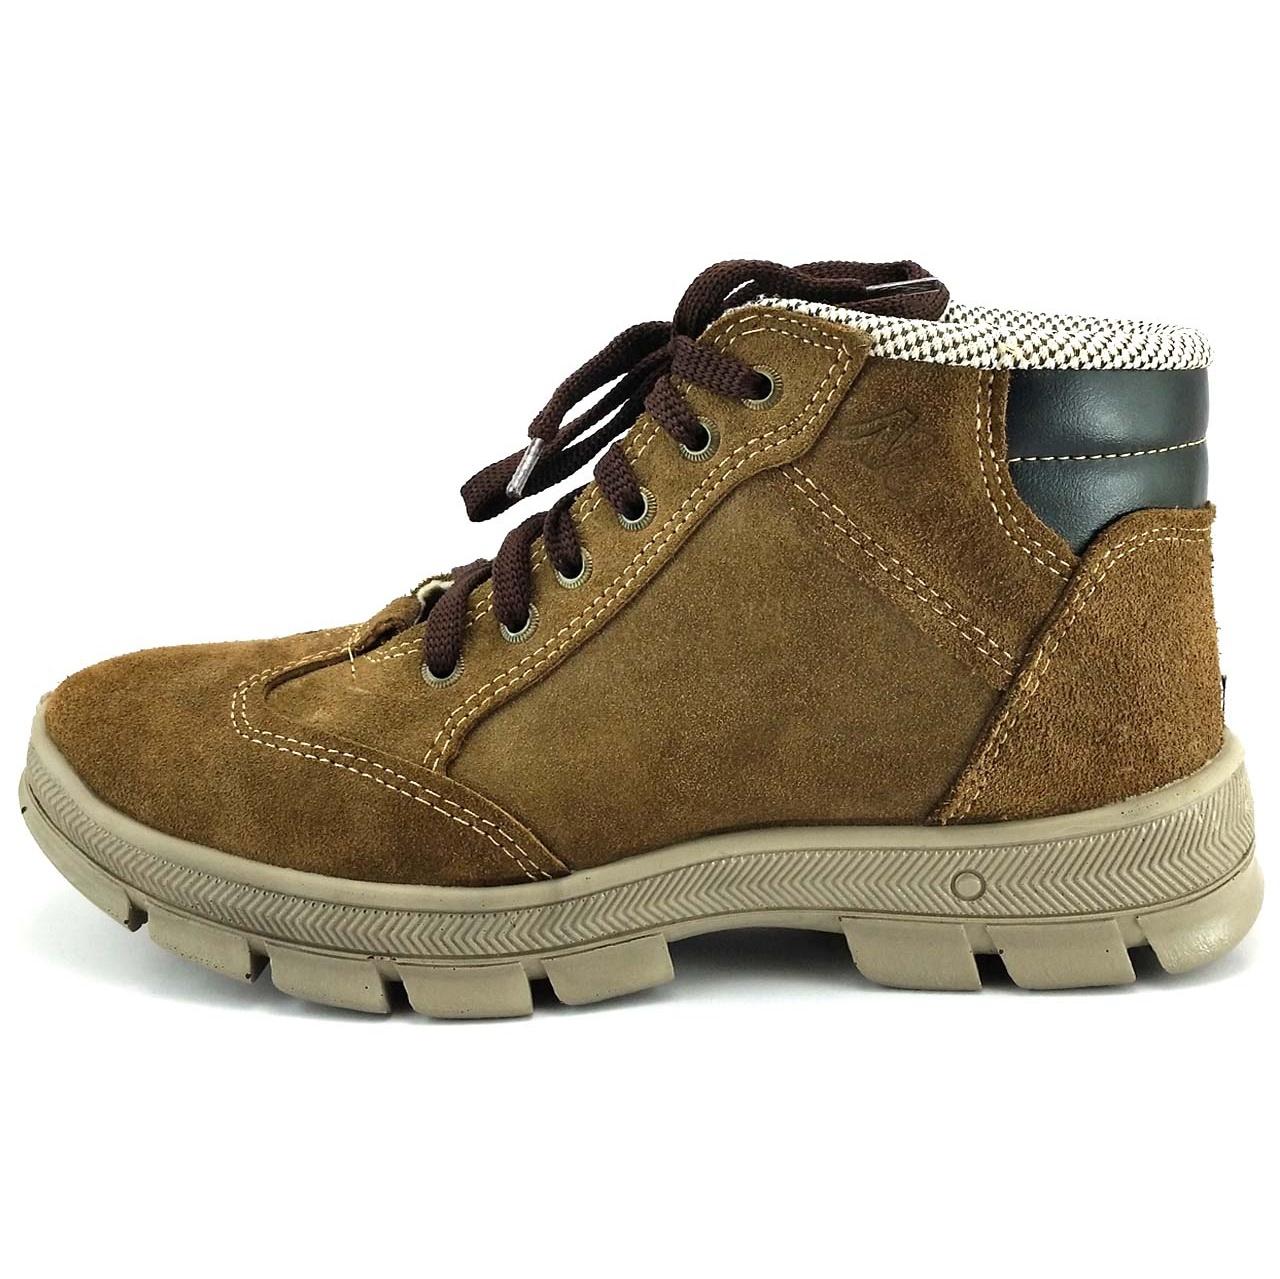 خرید                     کفش کوهنوردی مردانه نسیم مدل بارسلون کد 2019